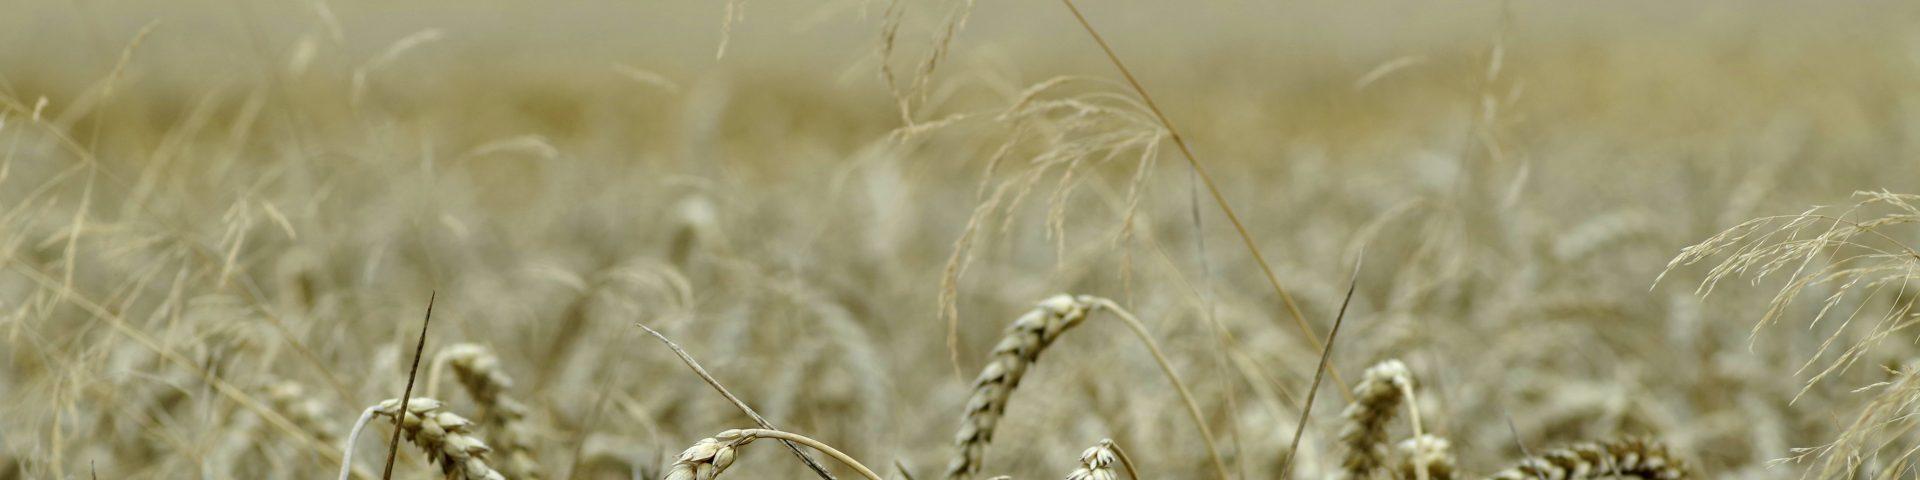 corn 2659172 1920x480 - Dożynki - tradycje, wierzenia, historia